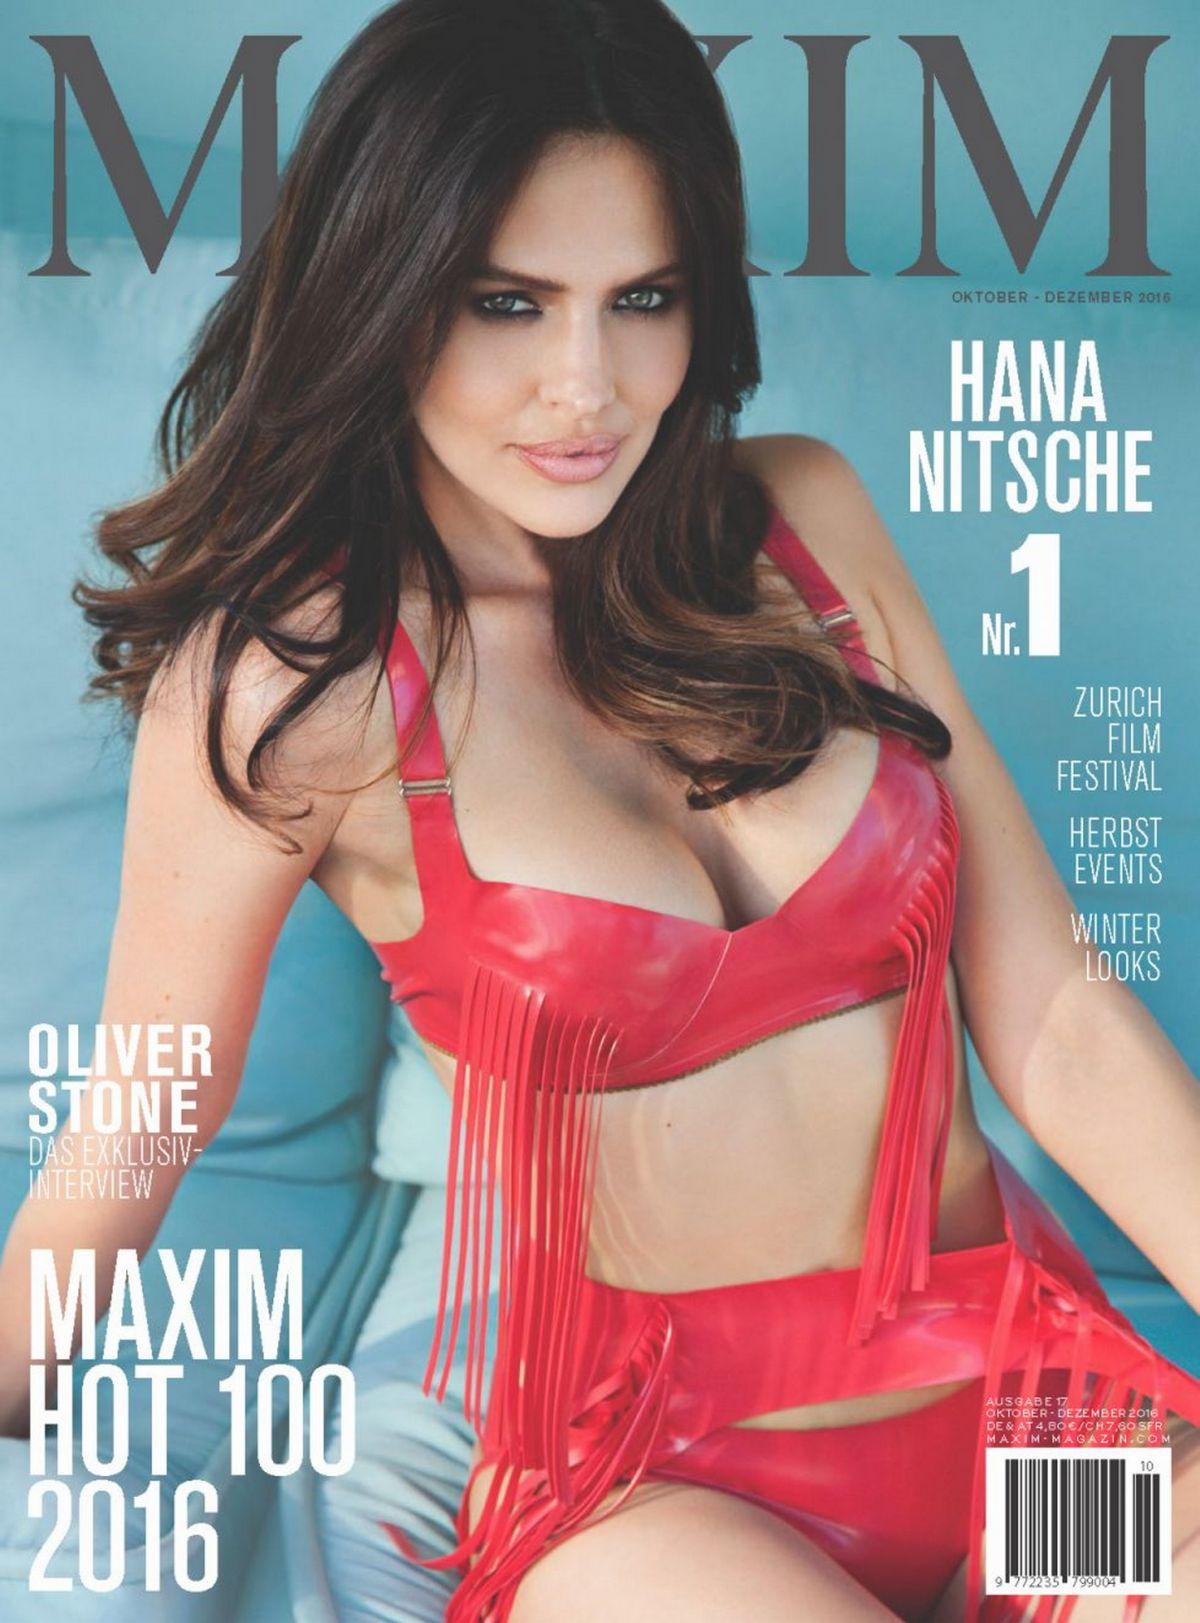 HANA NITSCHE in Maxim Magazine, Switzerland November 2016)